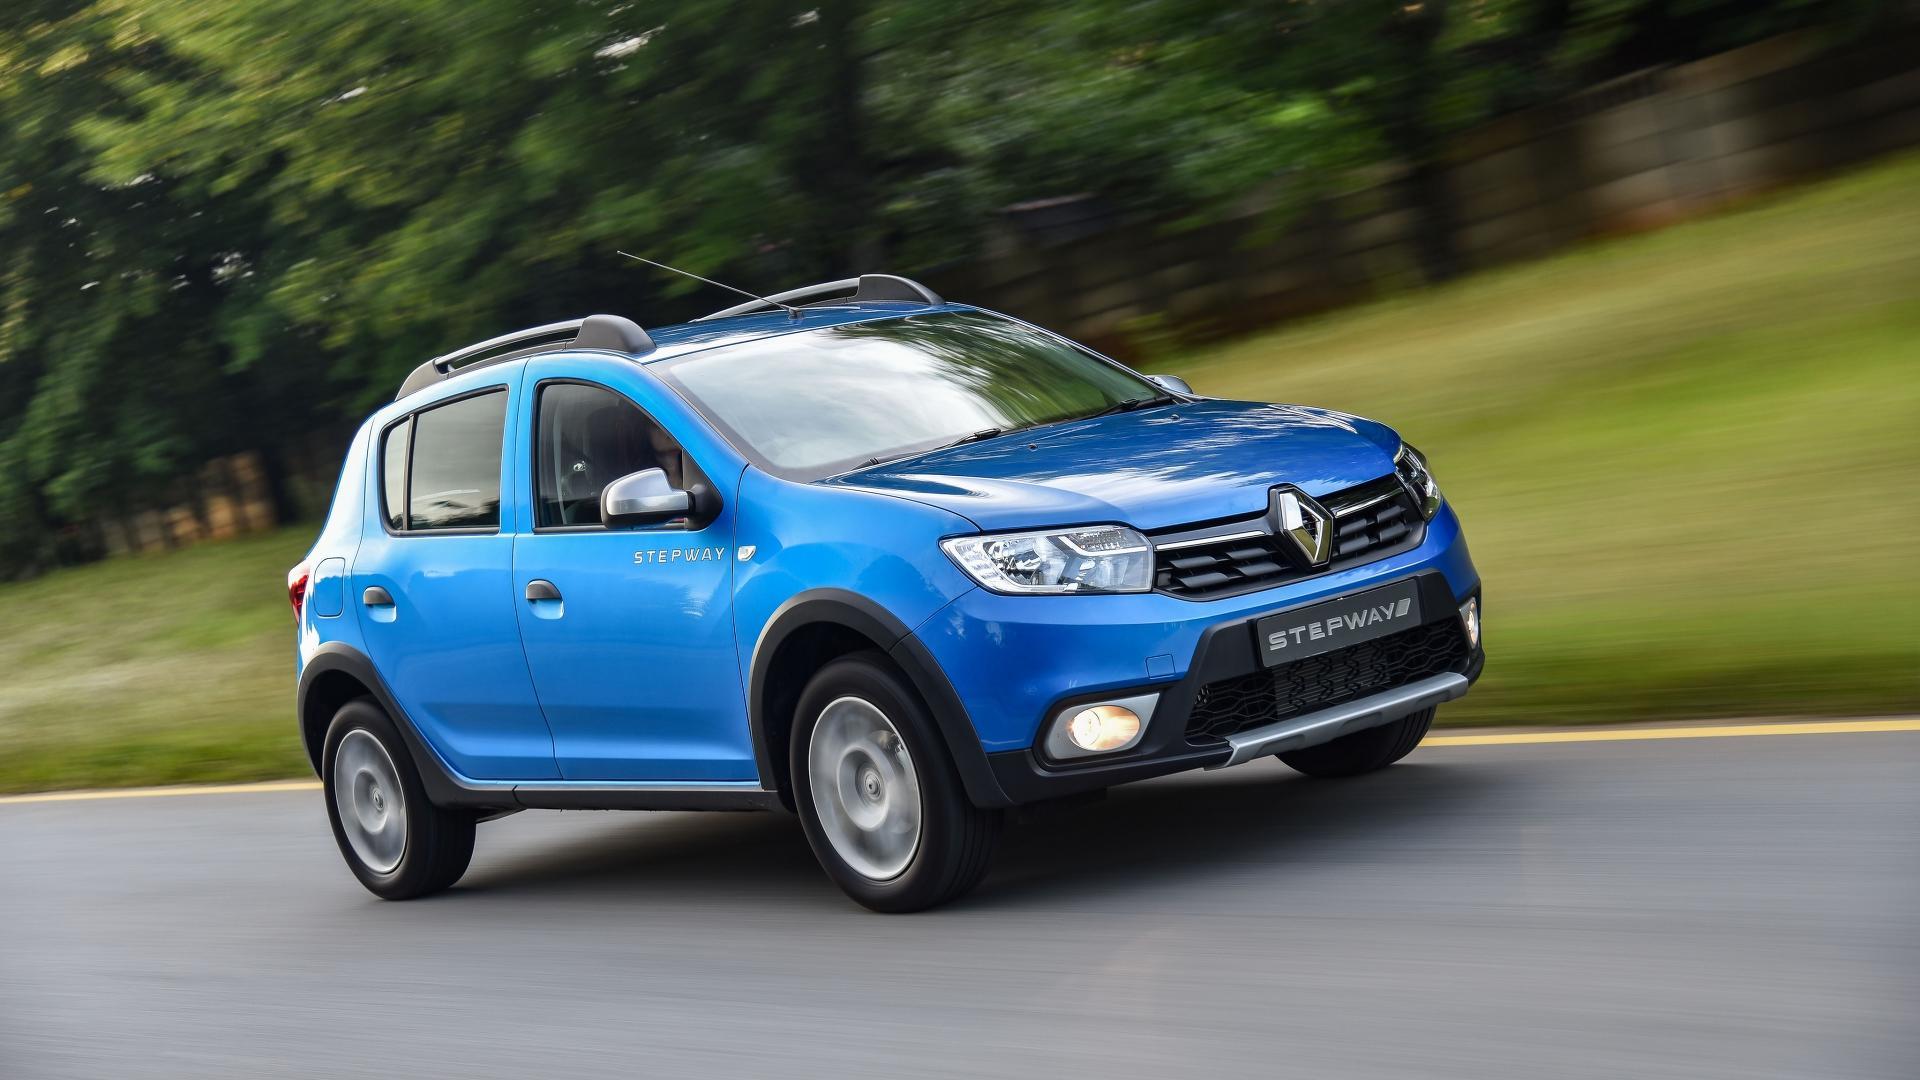 Nova geração do Renault Sandero estreia em 2019